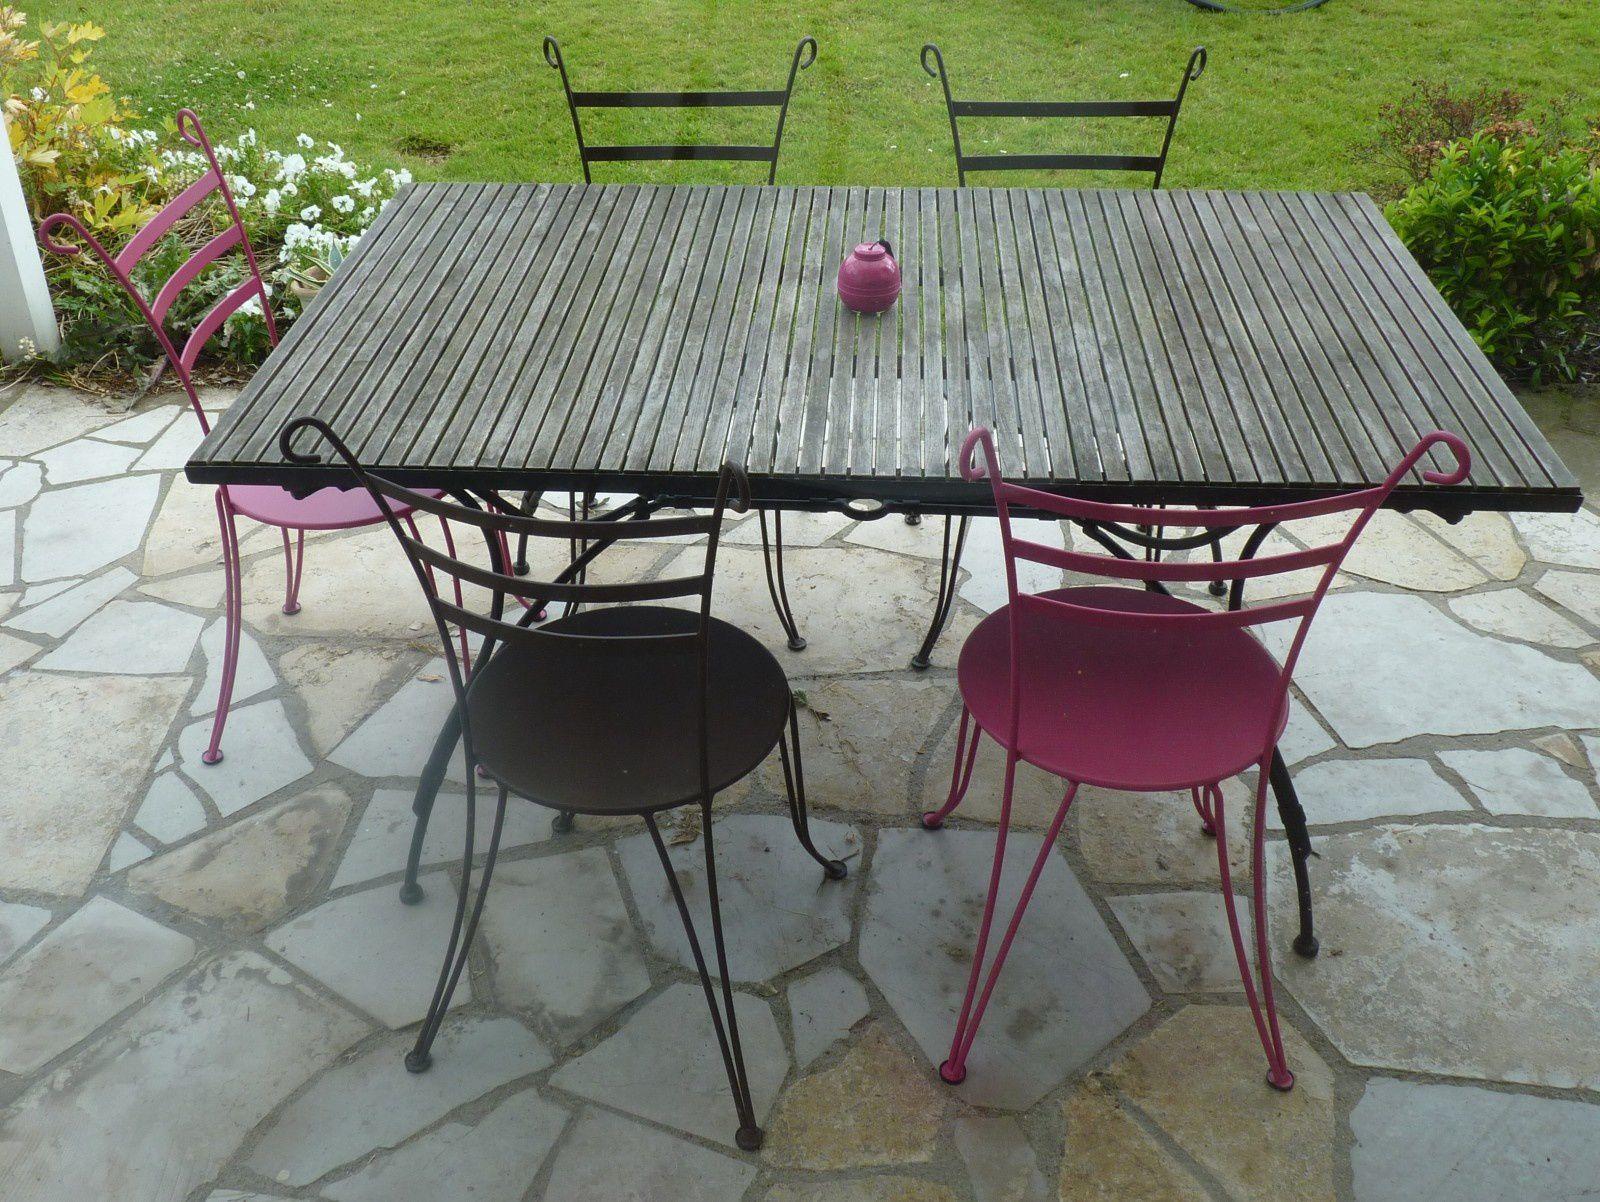 fauteuil jardin castorama table chaises fauteuils jardin. Black Bedroom Furniture Sets. Home Design Ideas